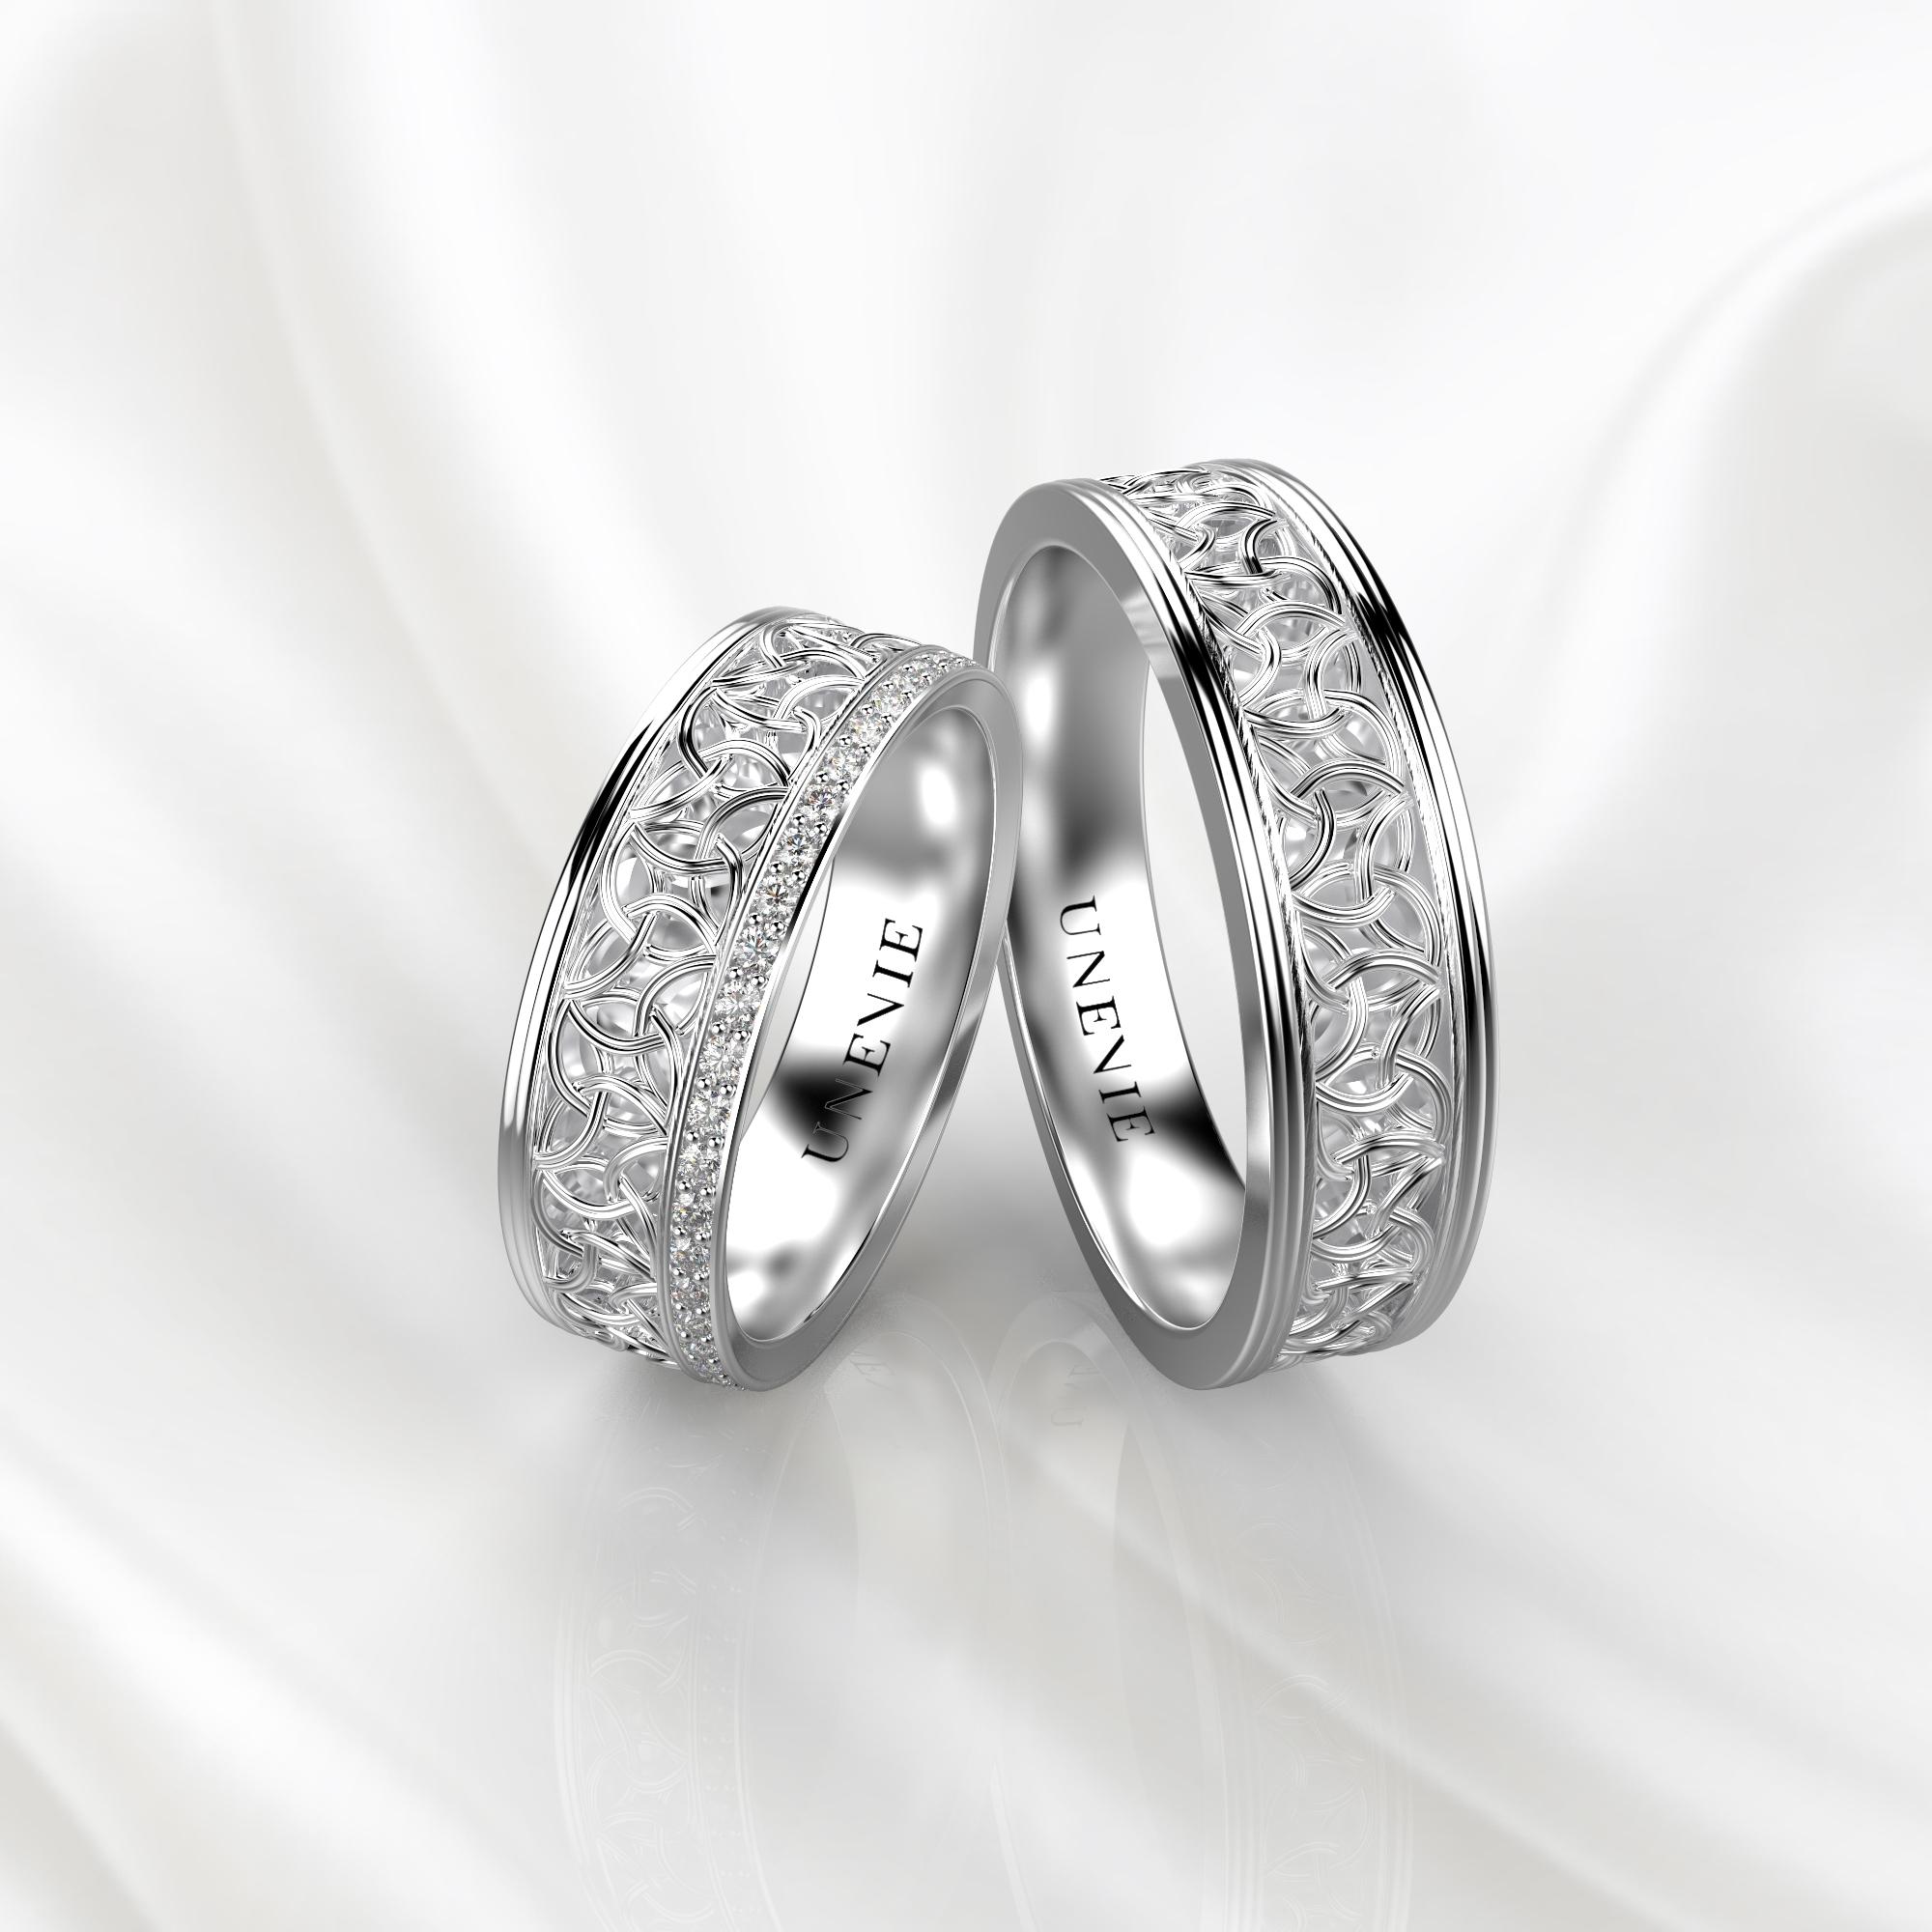 NV63 Парные обручальные кольца из белого золота с бриллиантами